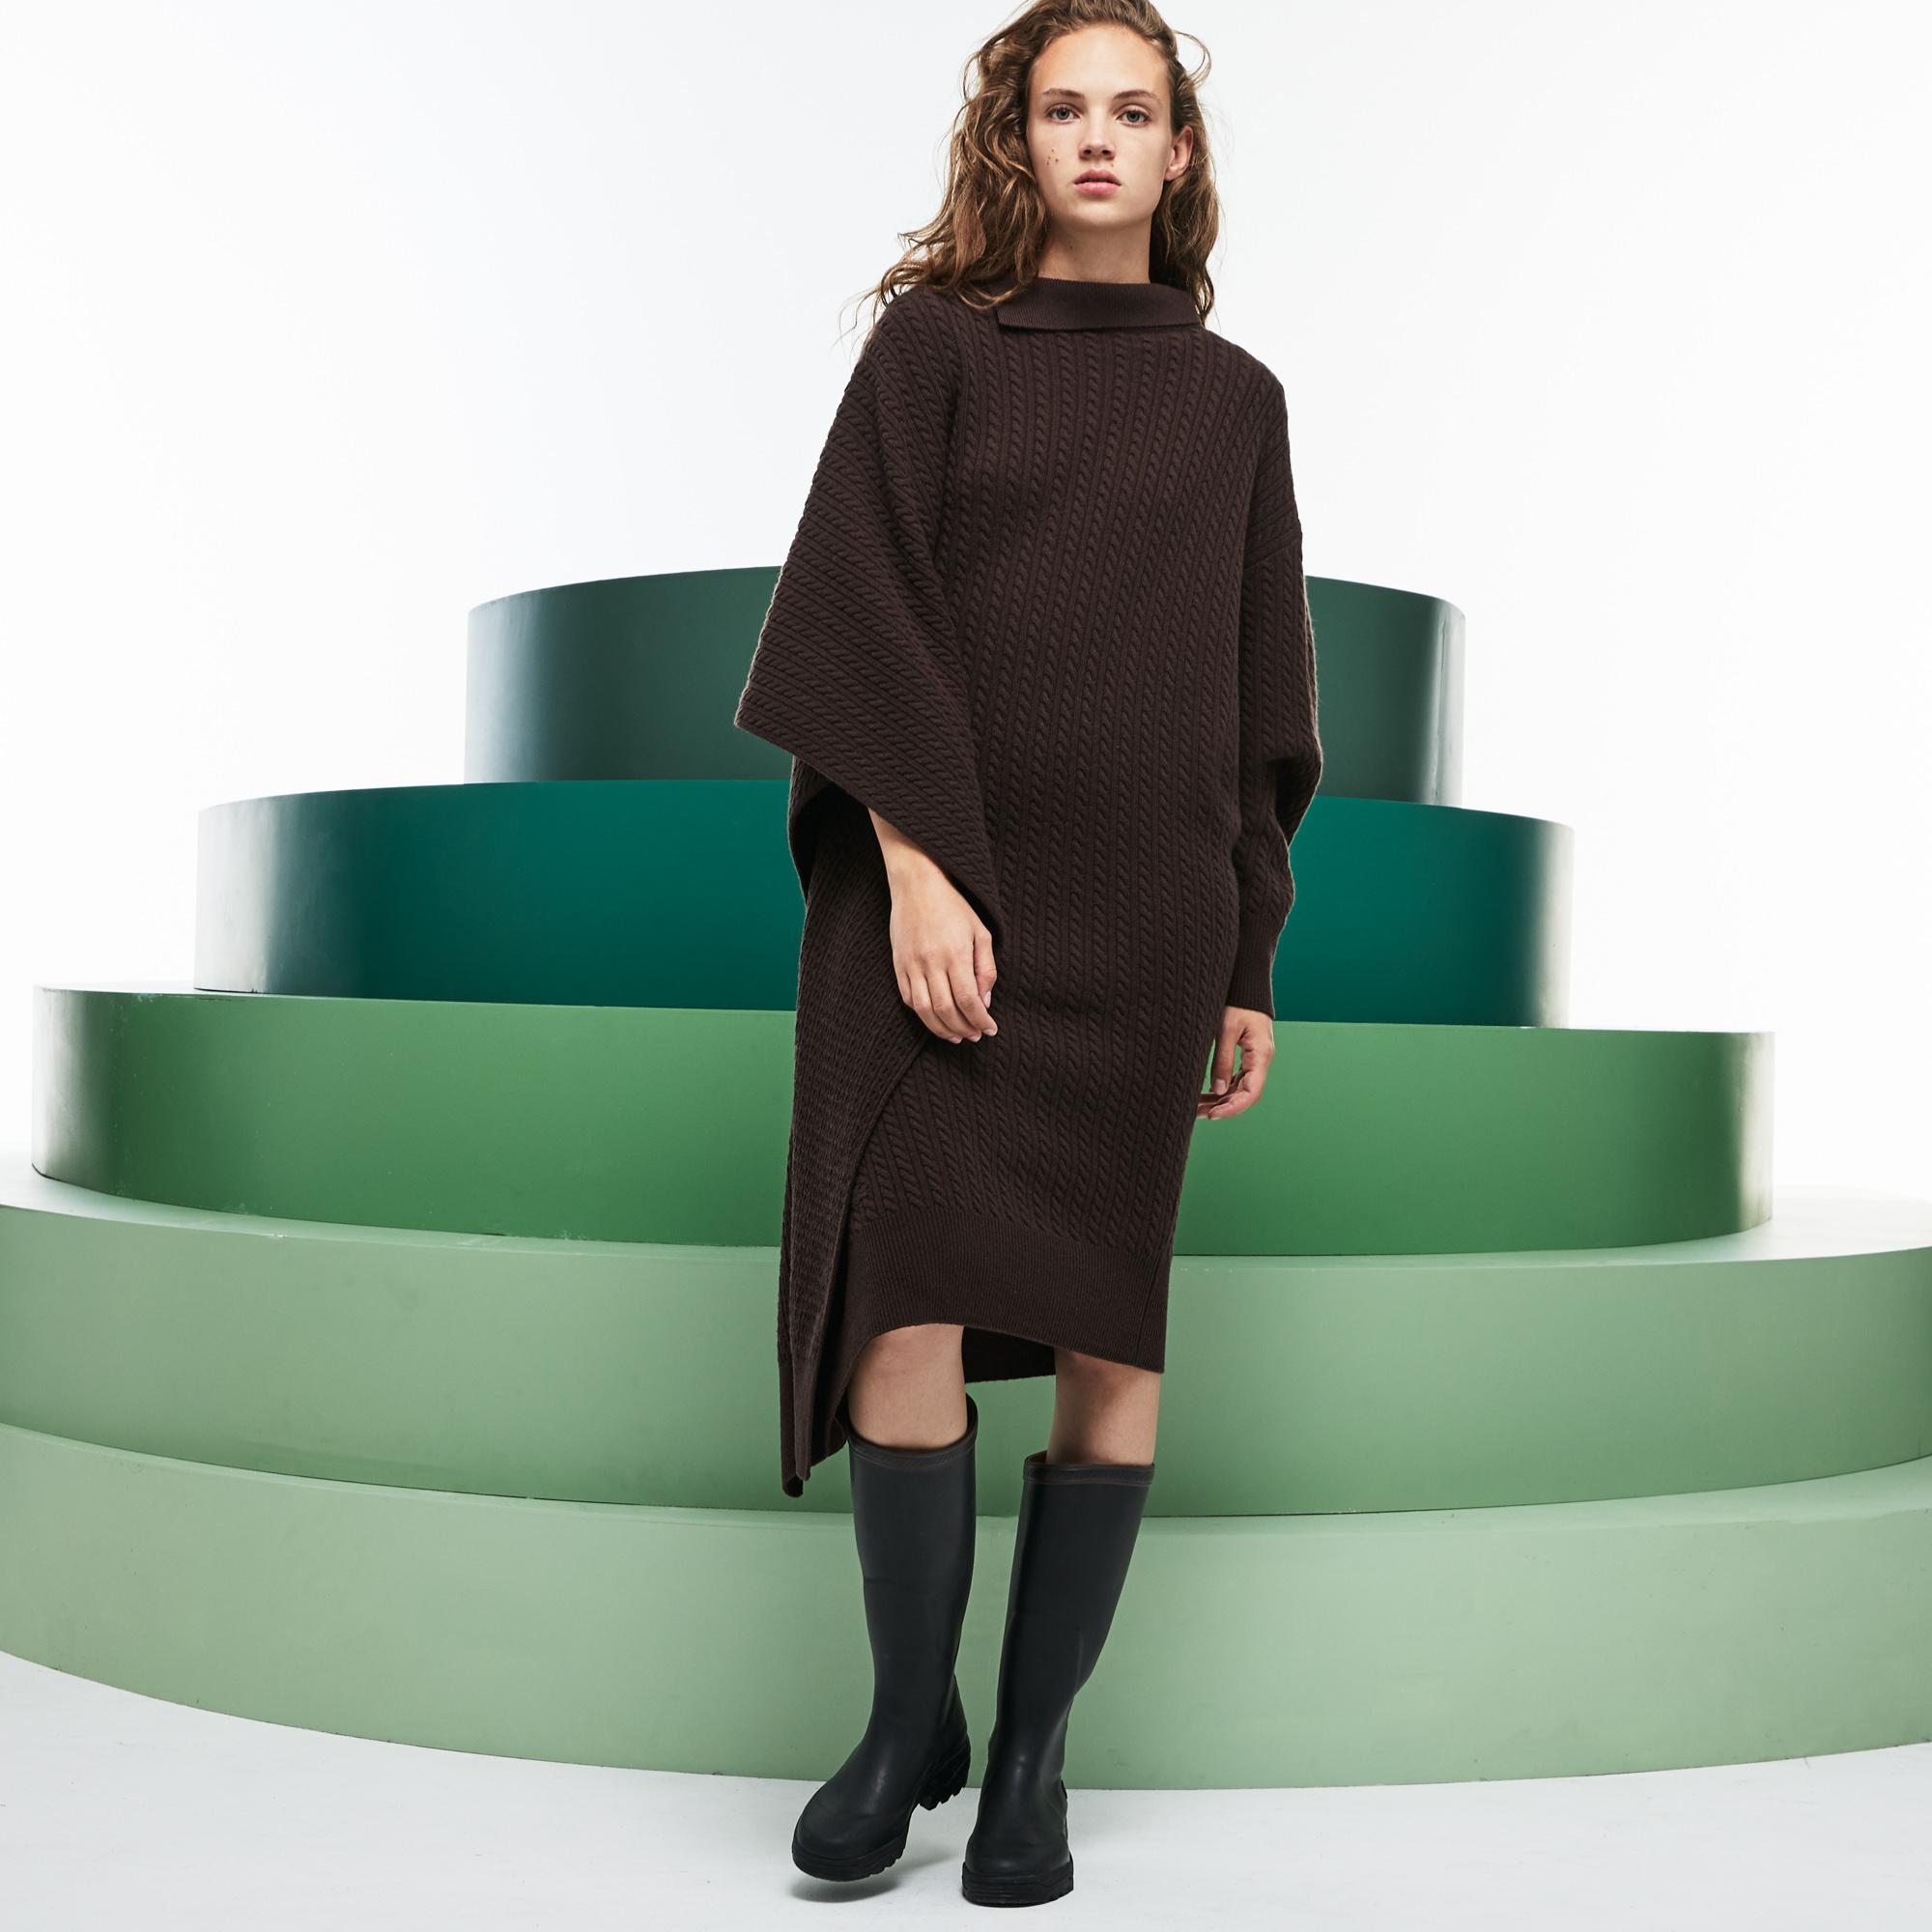 Купить Платье Lacoste, коричневый, EF6802